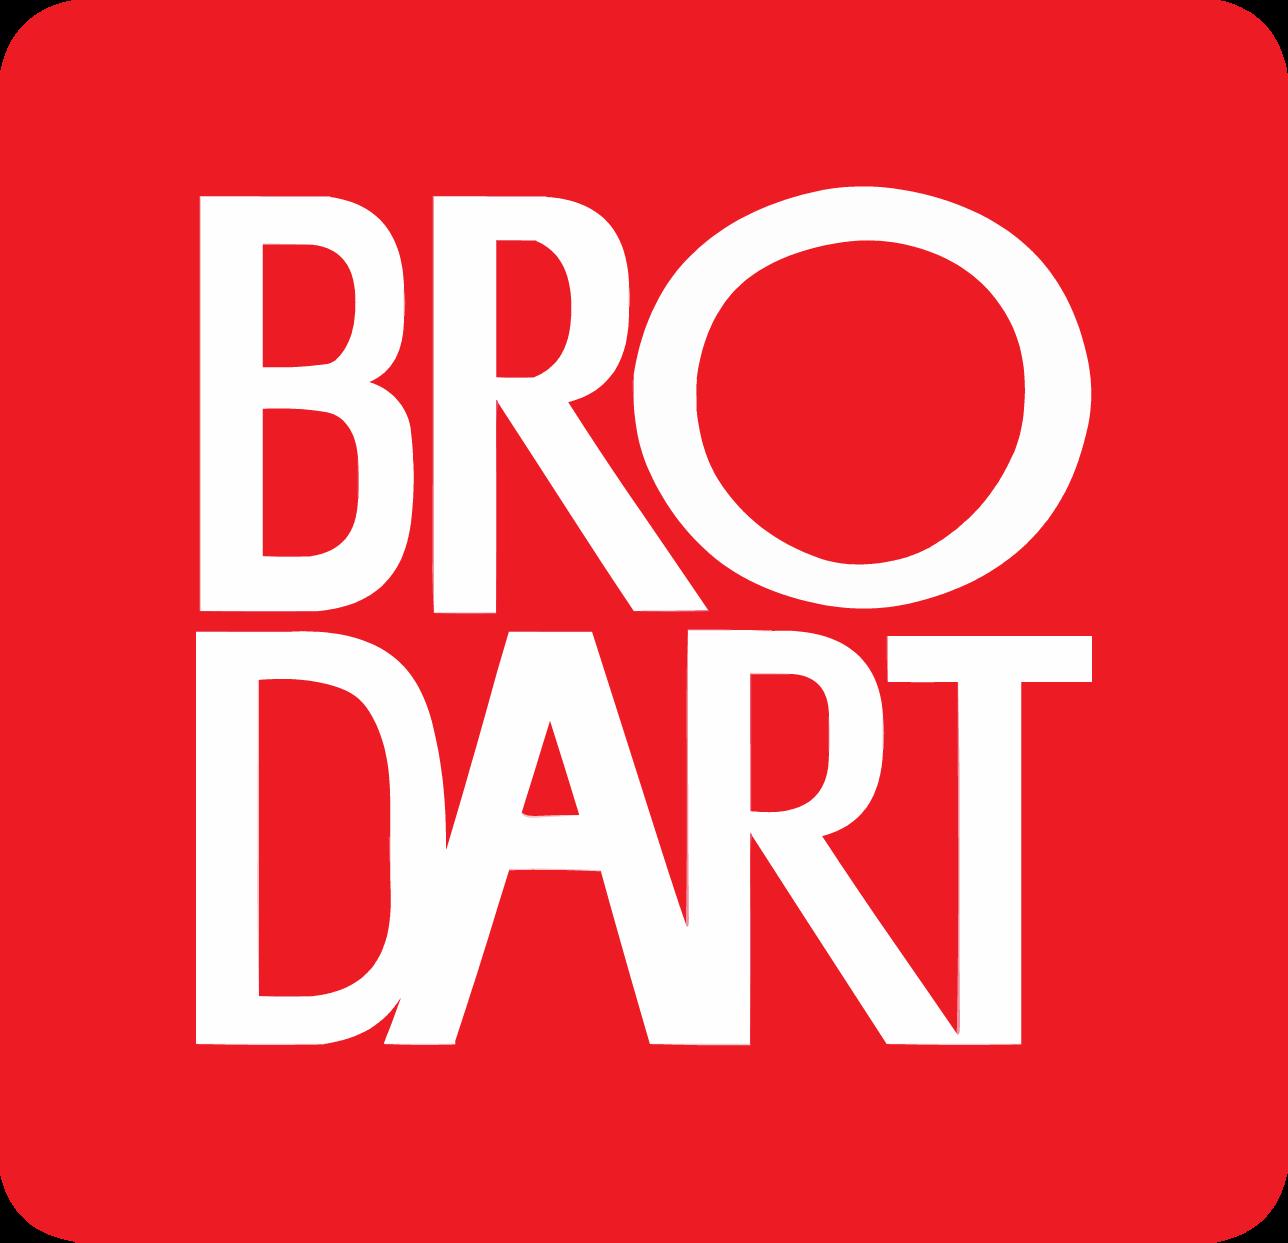 Brodart Co.